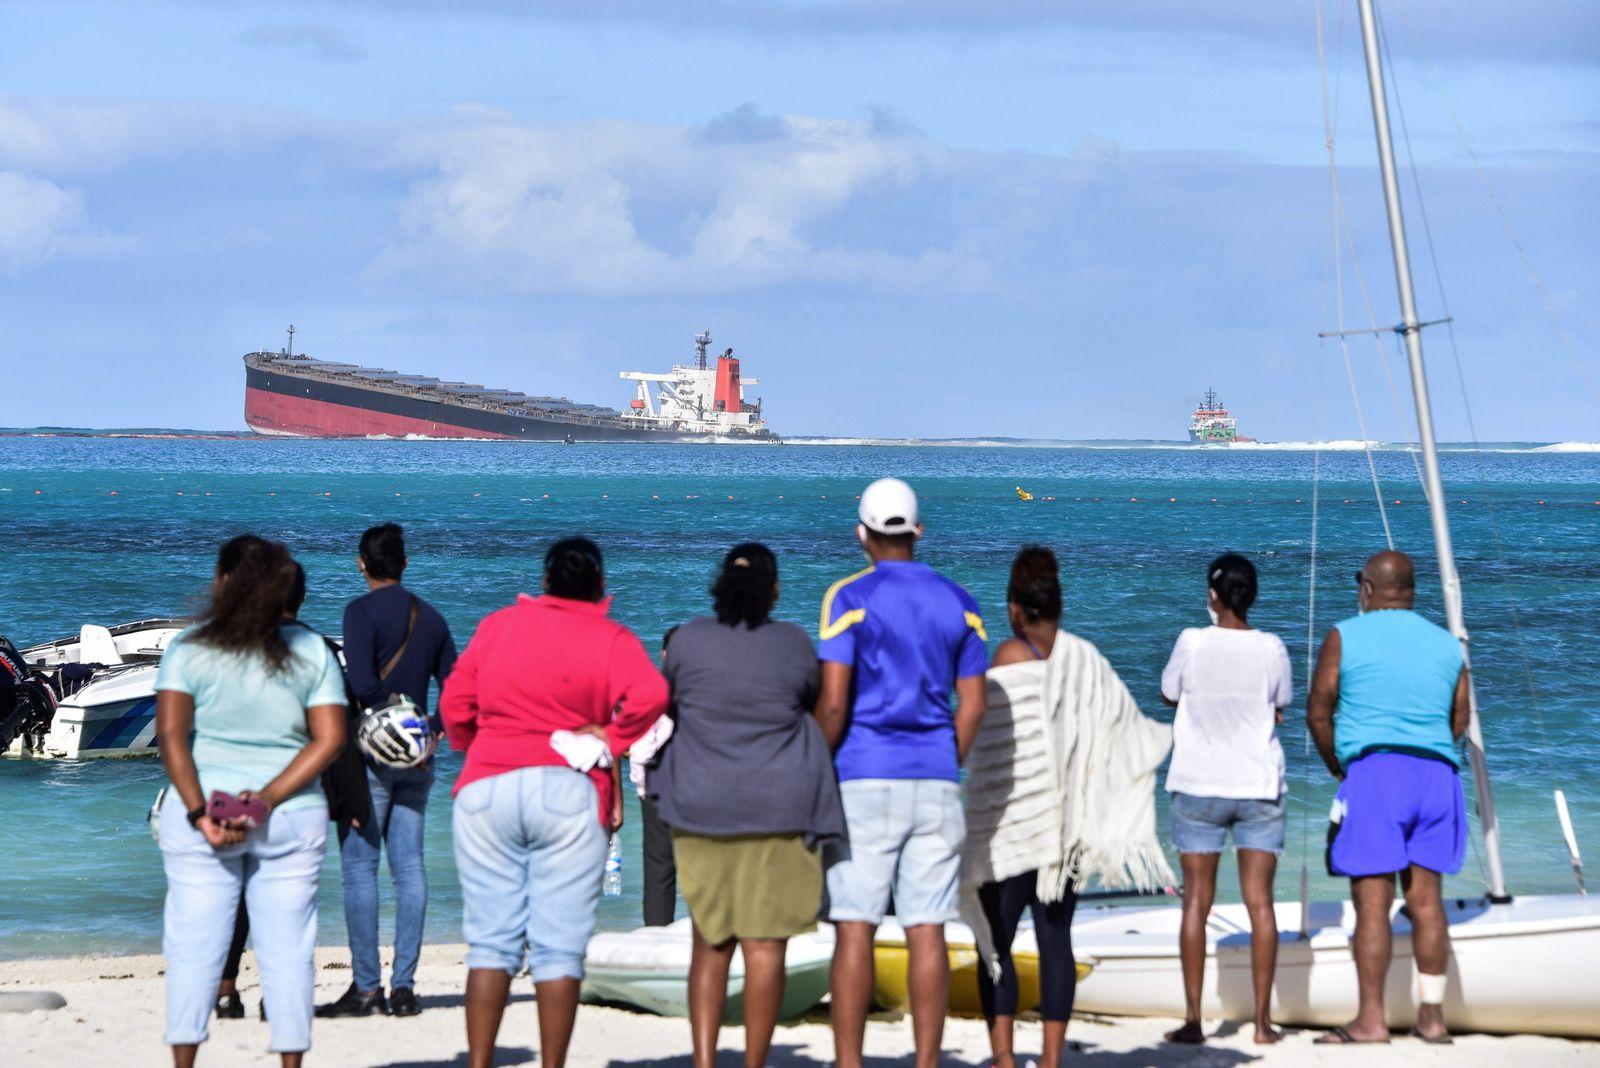 CORRECTION-MAURITIUS-ENVIRONMENT-POLLUTION-SHIPPING